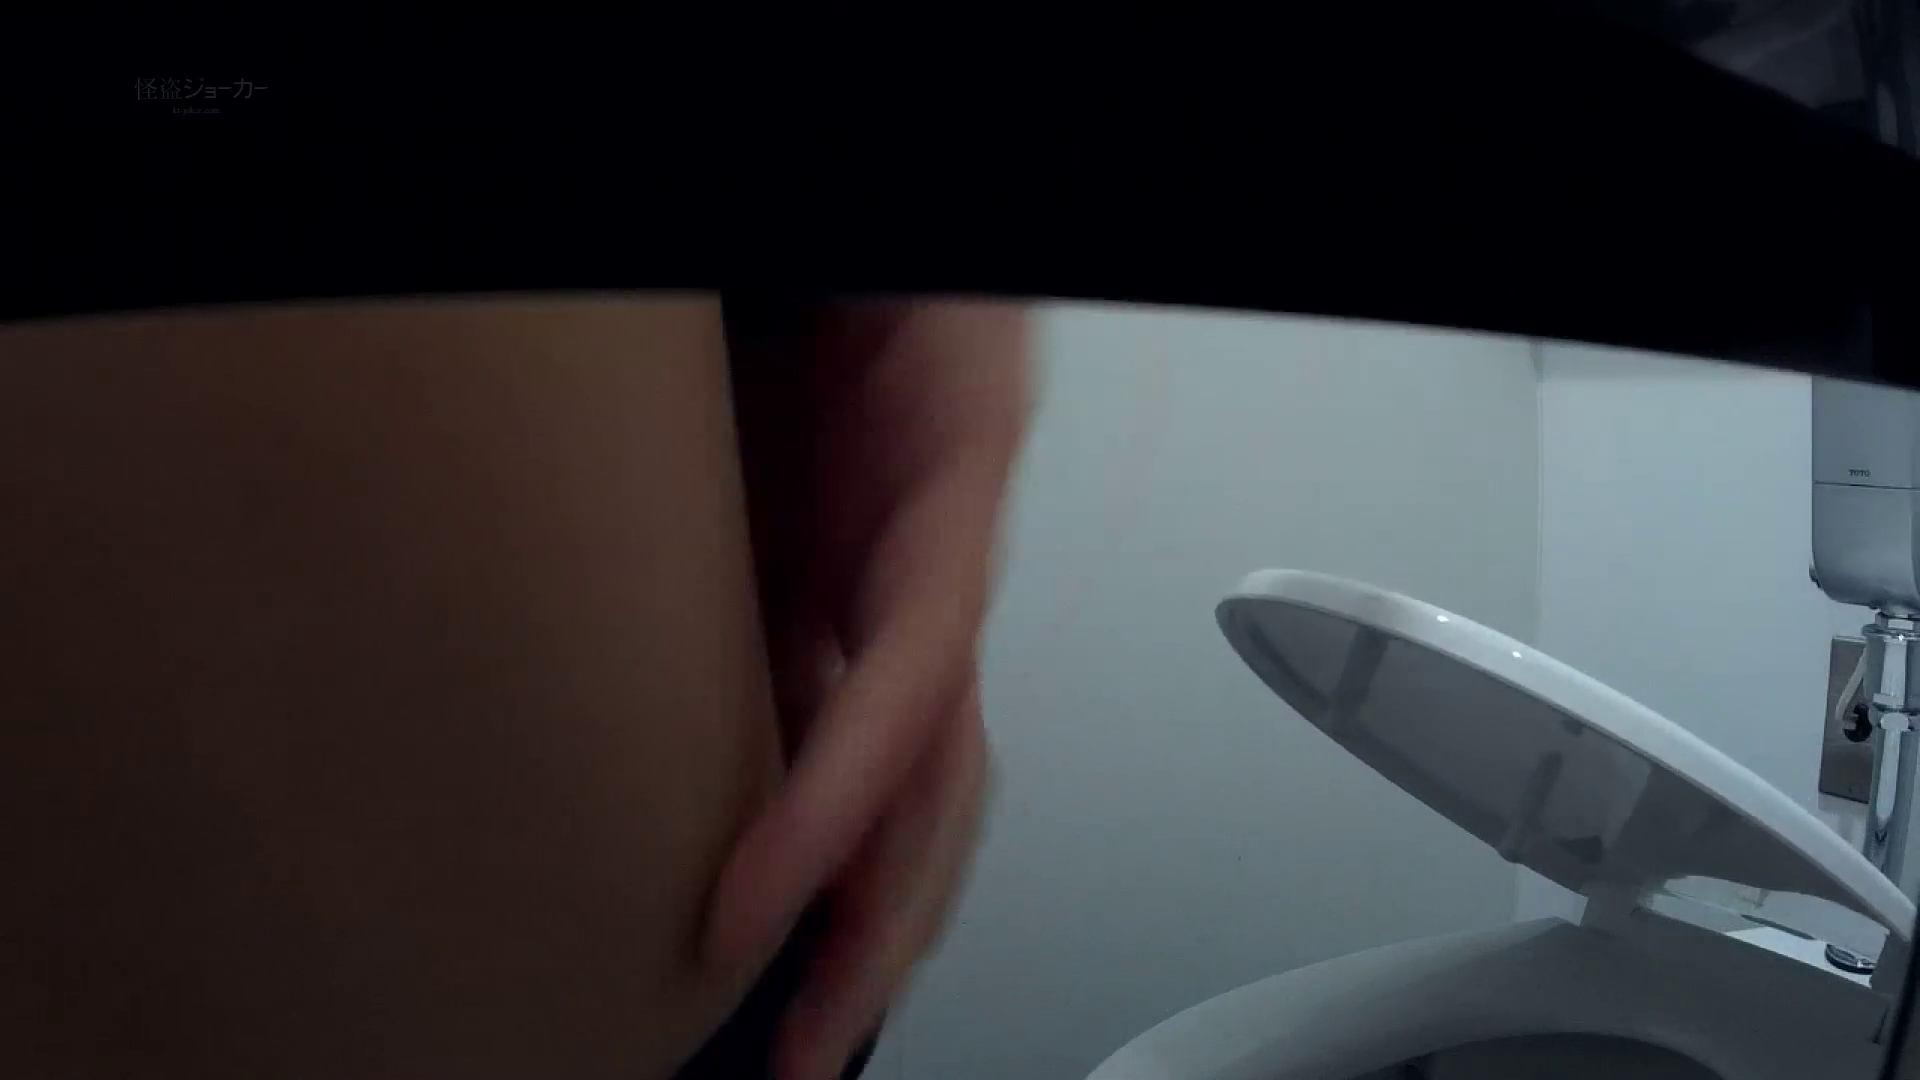 有名大学女性洗面所 vol.54 設置撮影最高峰!! 3視点でじっくり観察 排泄  97pic 90